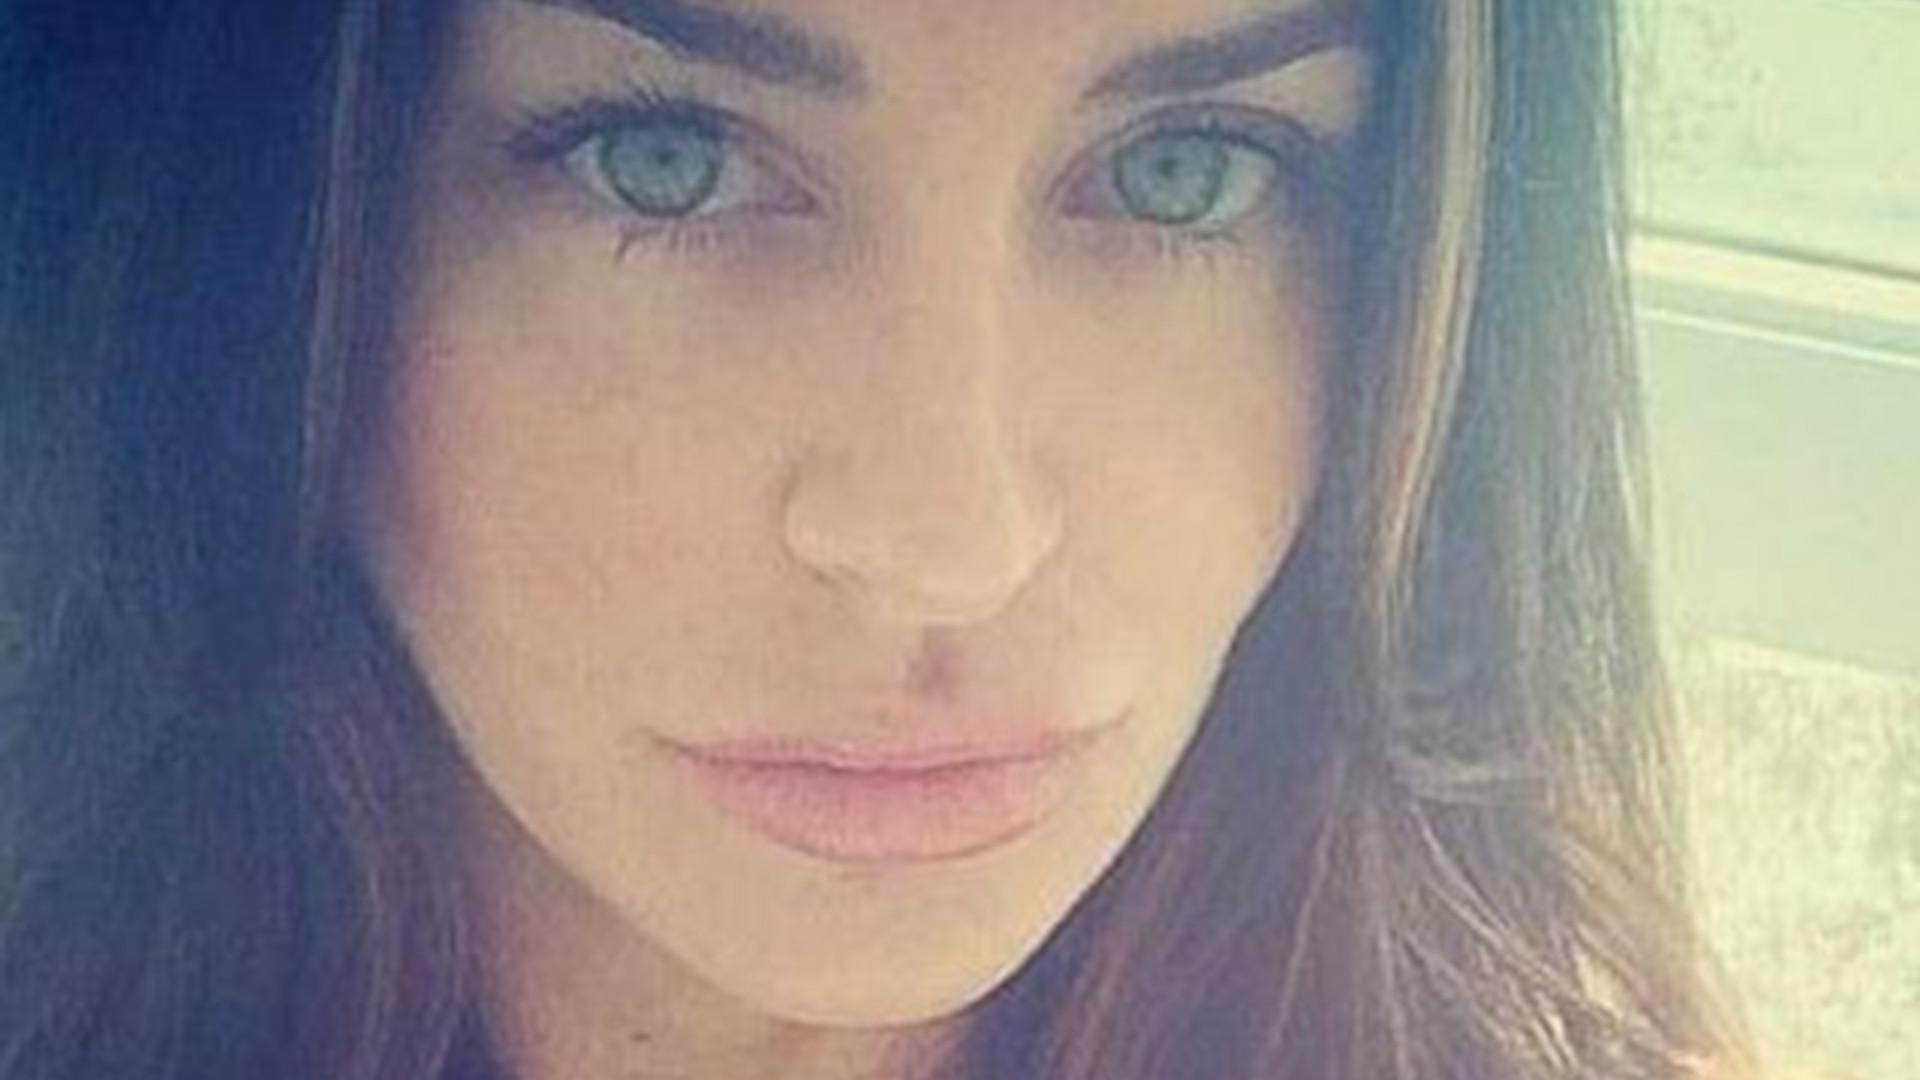 Modelka Playboya i Victoria's Secret została ZAMORDOWANA w swoim mieszkaniu